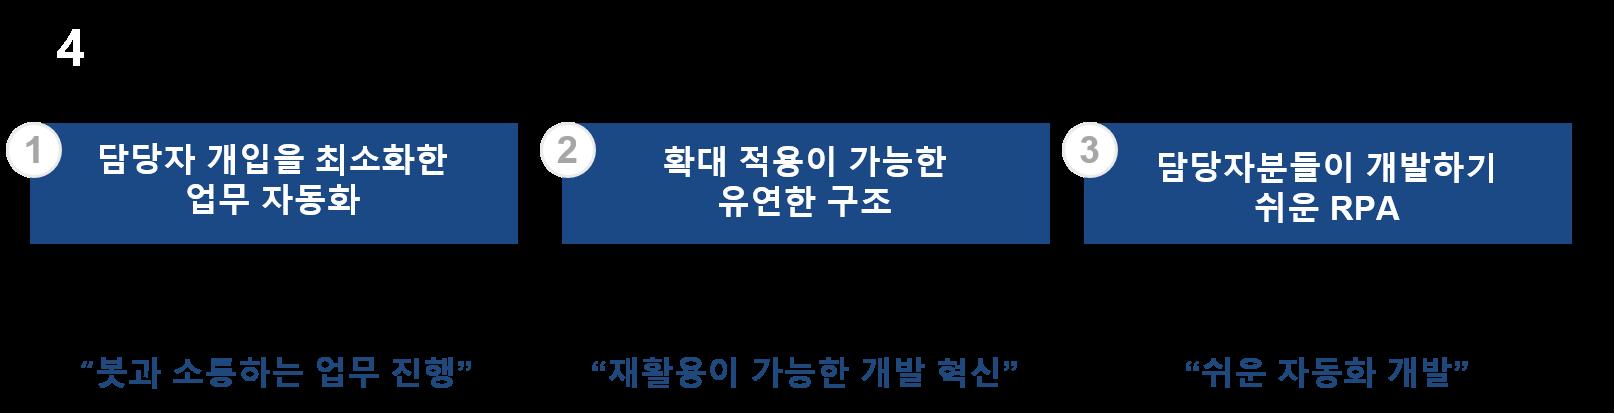 01개발목표.png